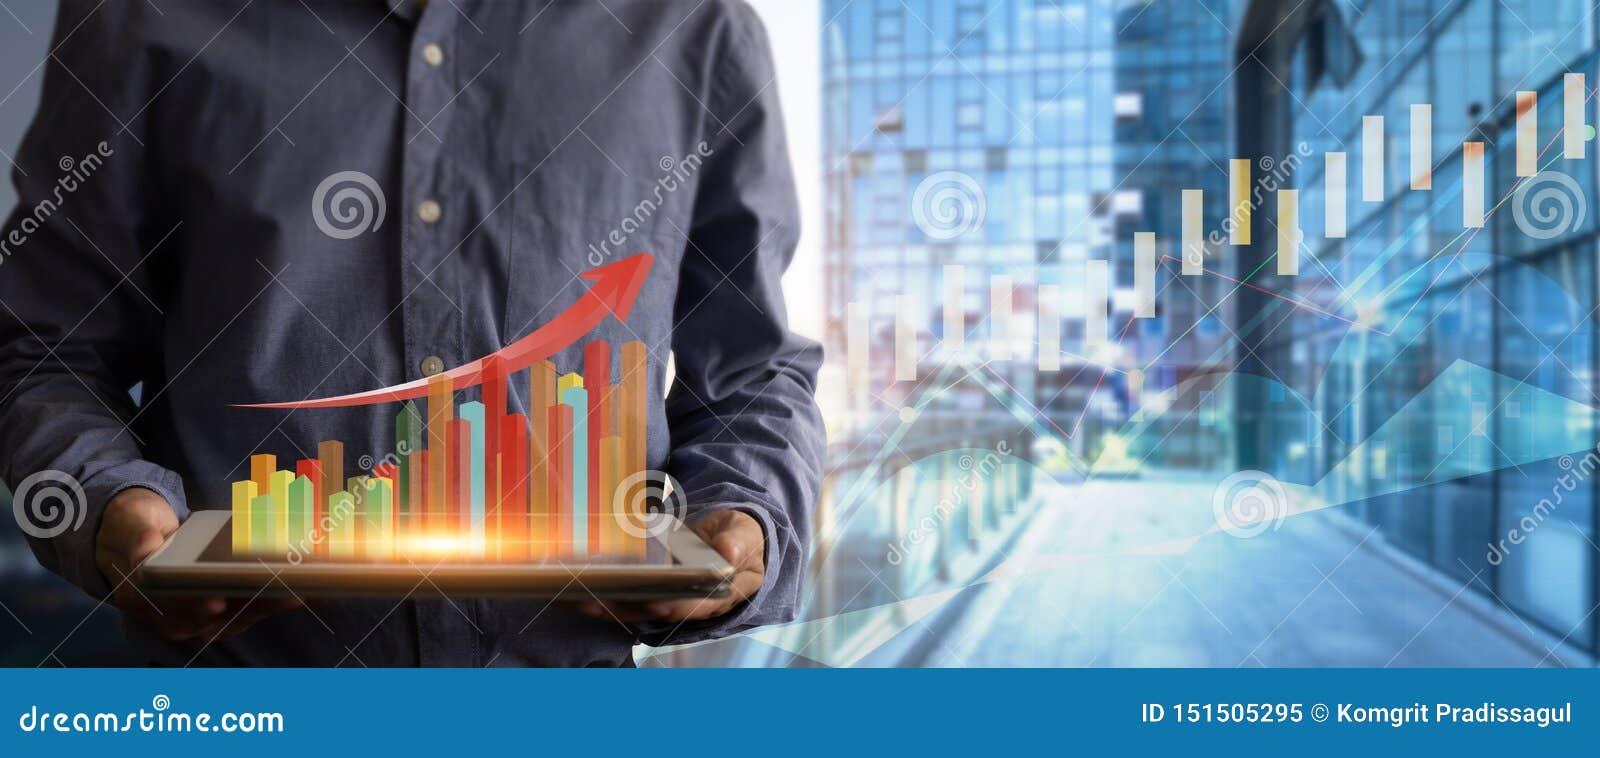 Tabuleta da terra arrendada do homem de negócios e gráfico mostrar do holograma crescente